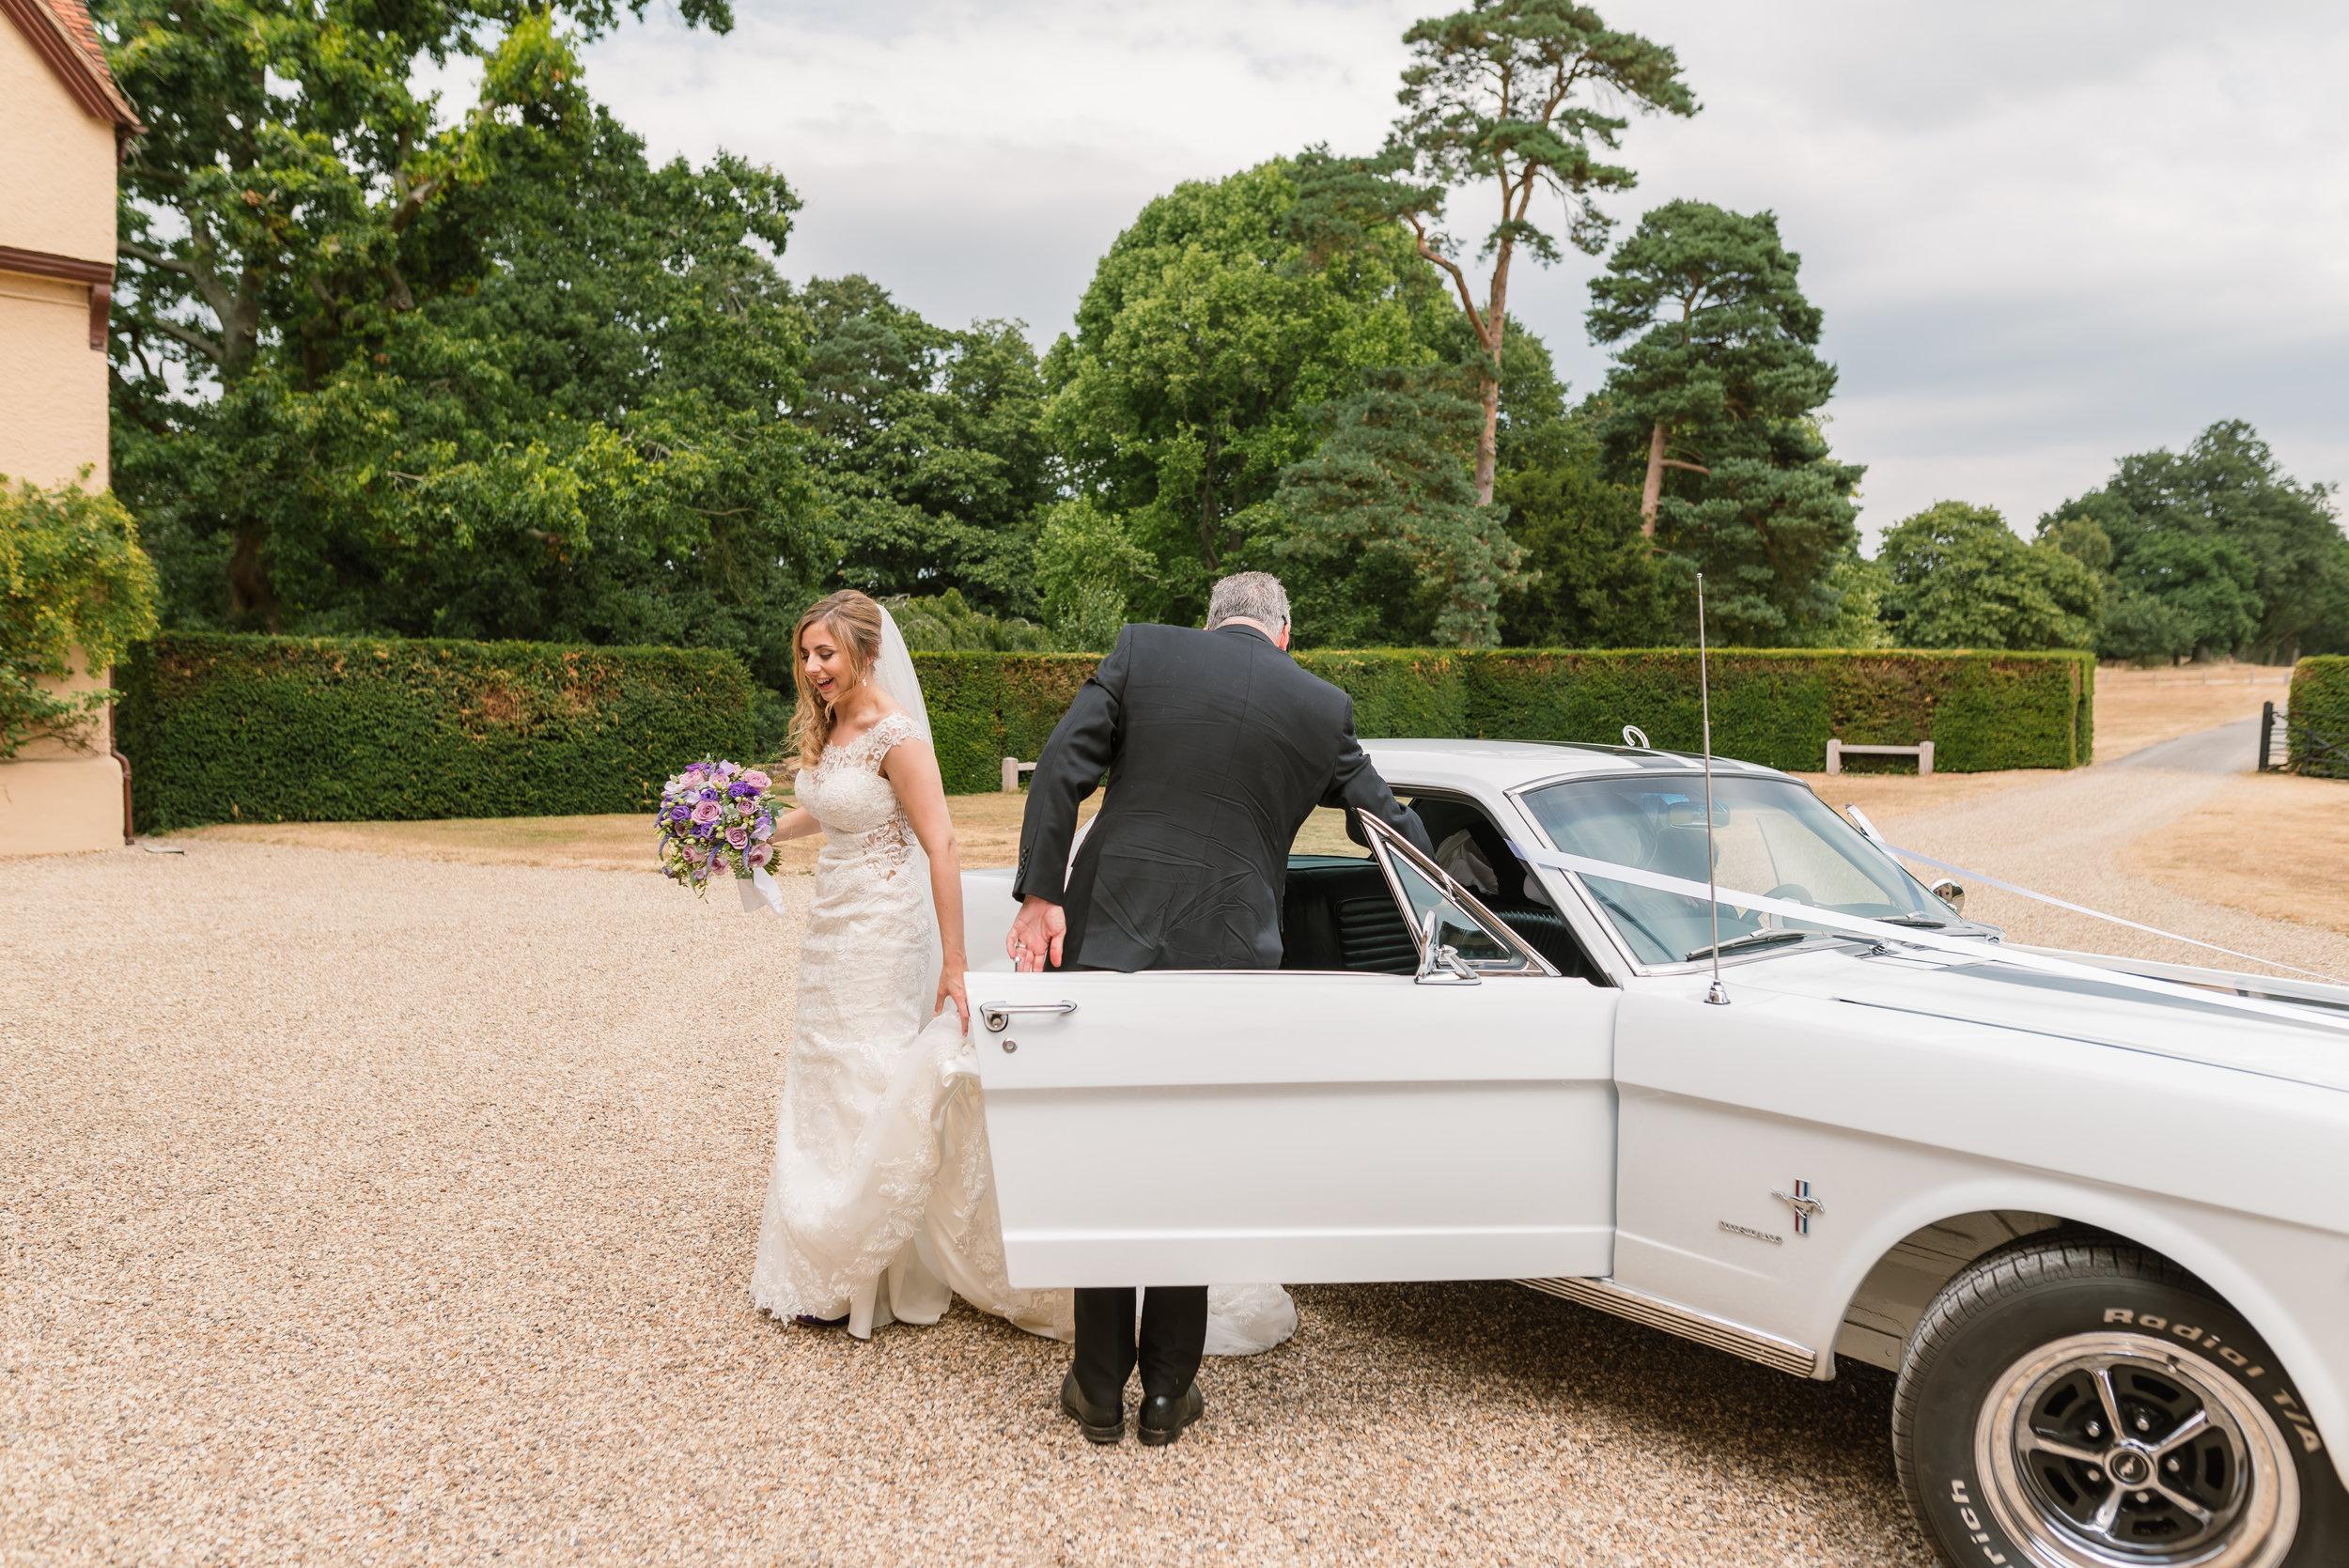 Hampshire Wedding Photographer Hampshire : Ufton-Court-Wedding : Barn-wedding-venue-hampshire : sarah-fishlock-photography : hampshire-barn-wedding-571.jpg